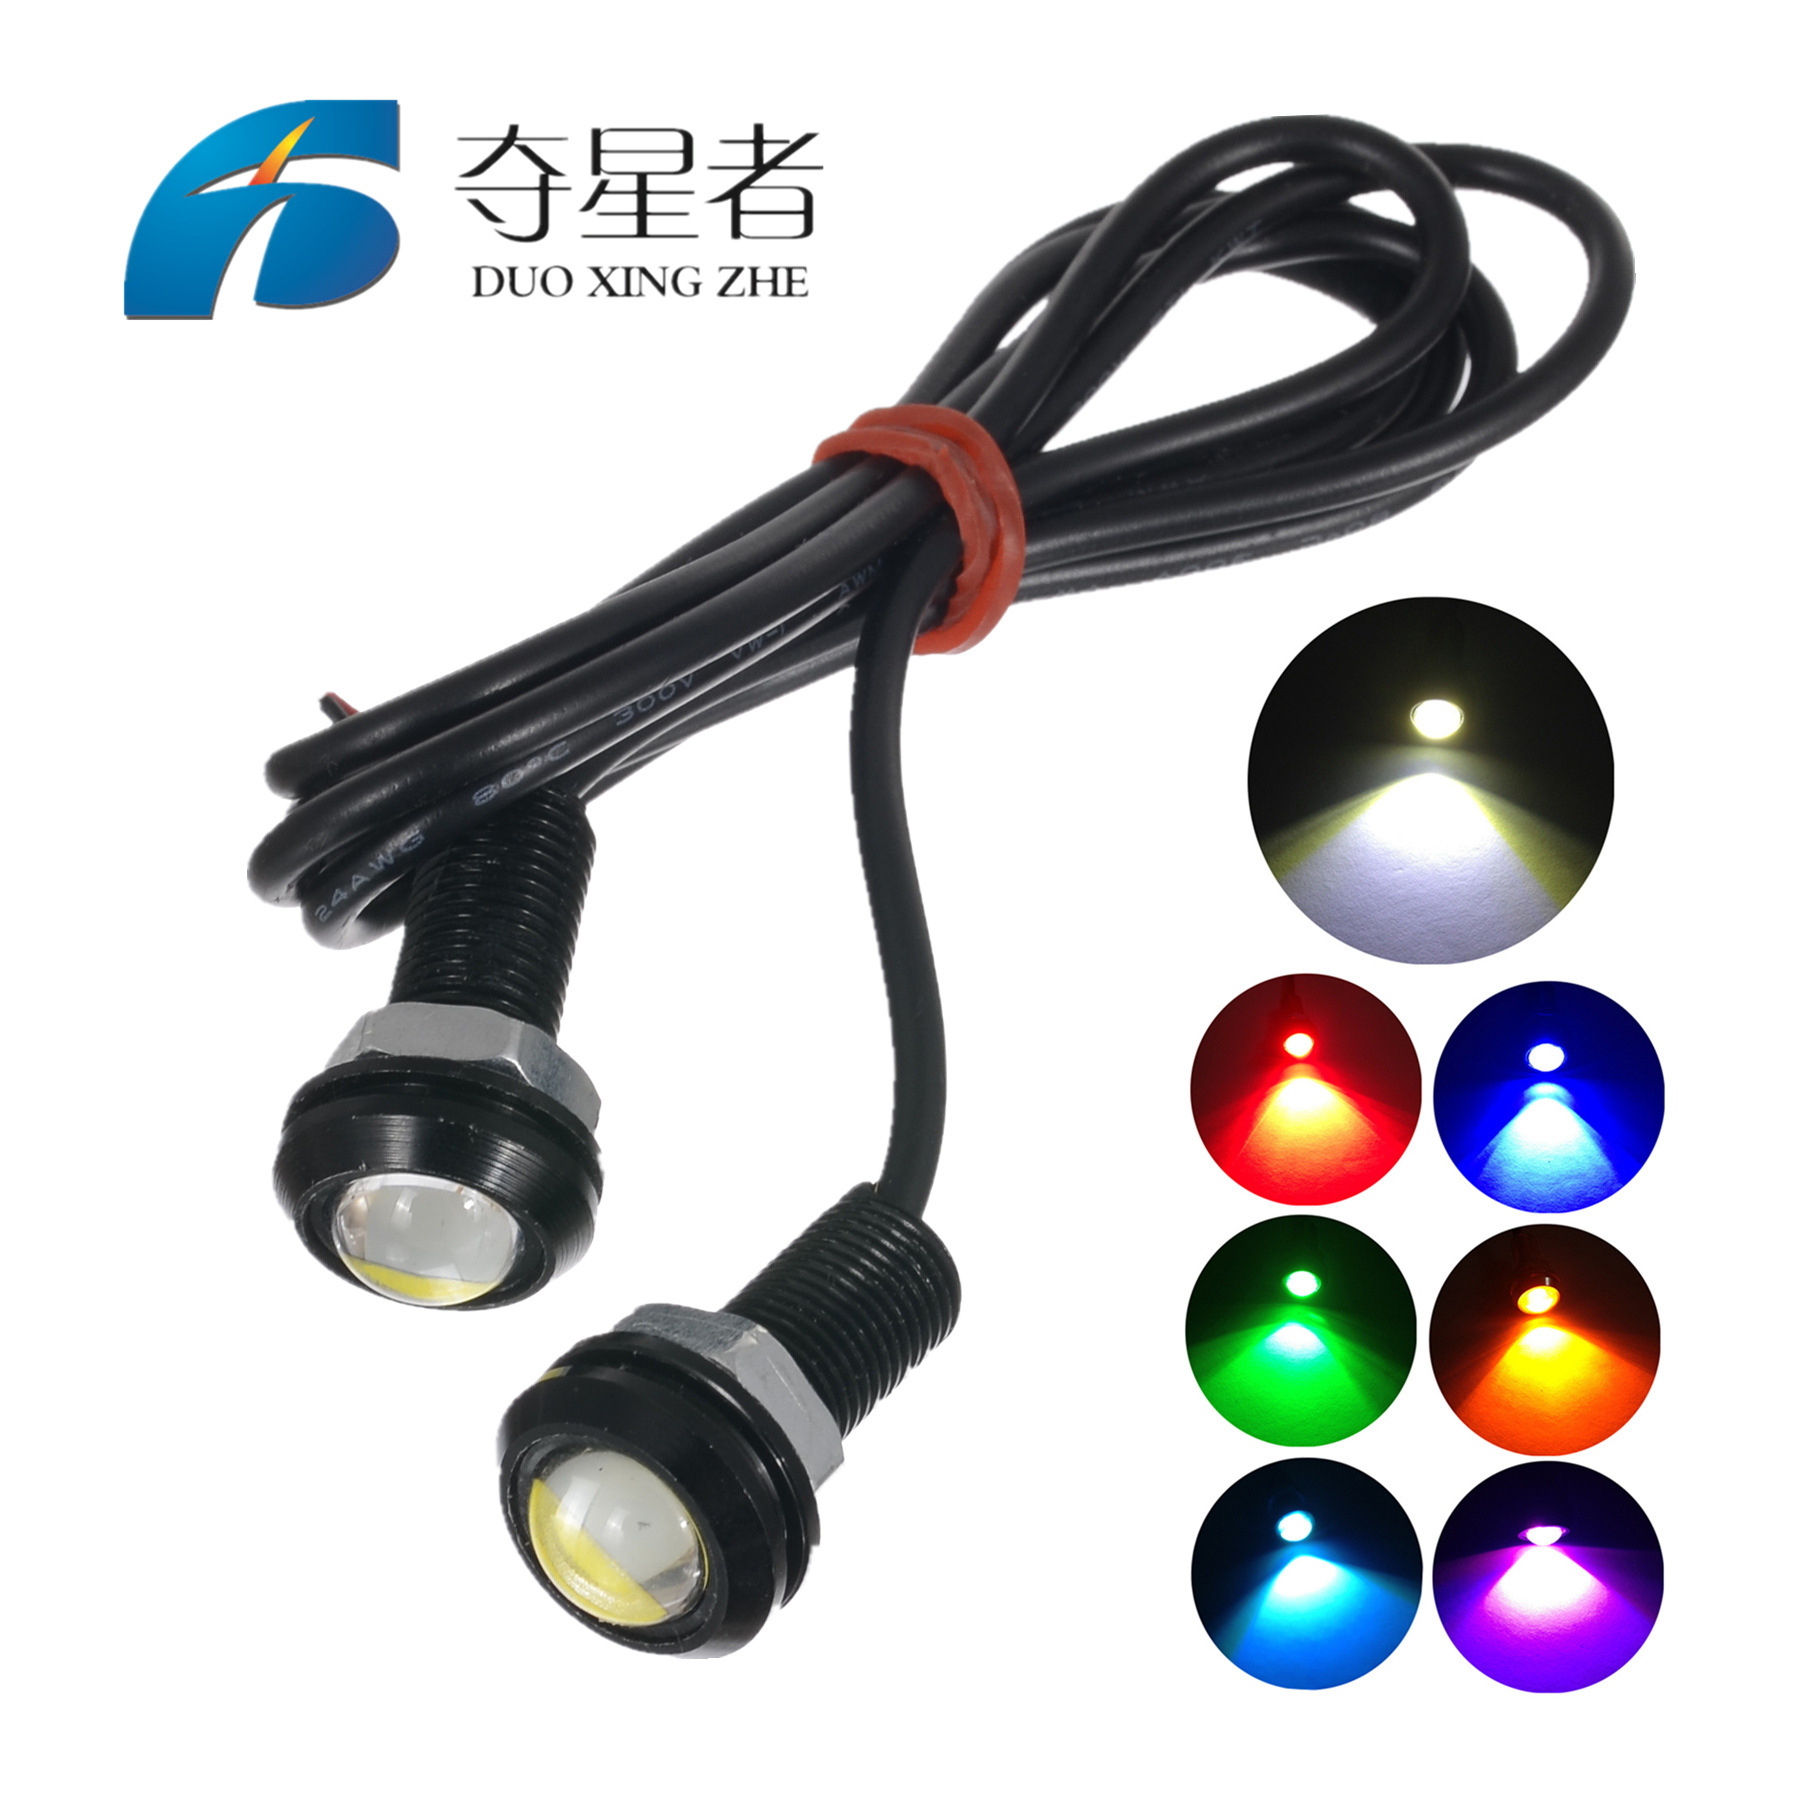 DUOXINGZHE đèn xe Xe led nhẹ 18MM mắt đại bàng 9W siêu mỏng lừa đảo ngược ánh sáng ngược không thấm